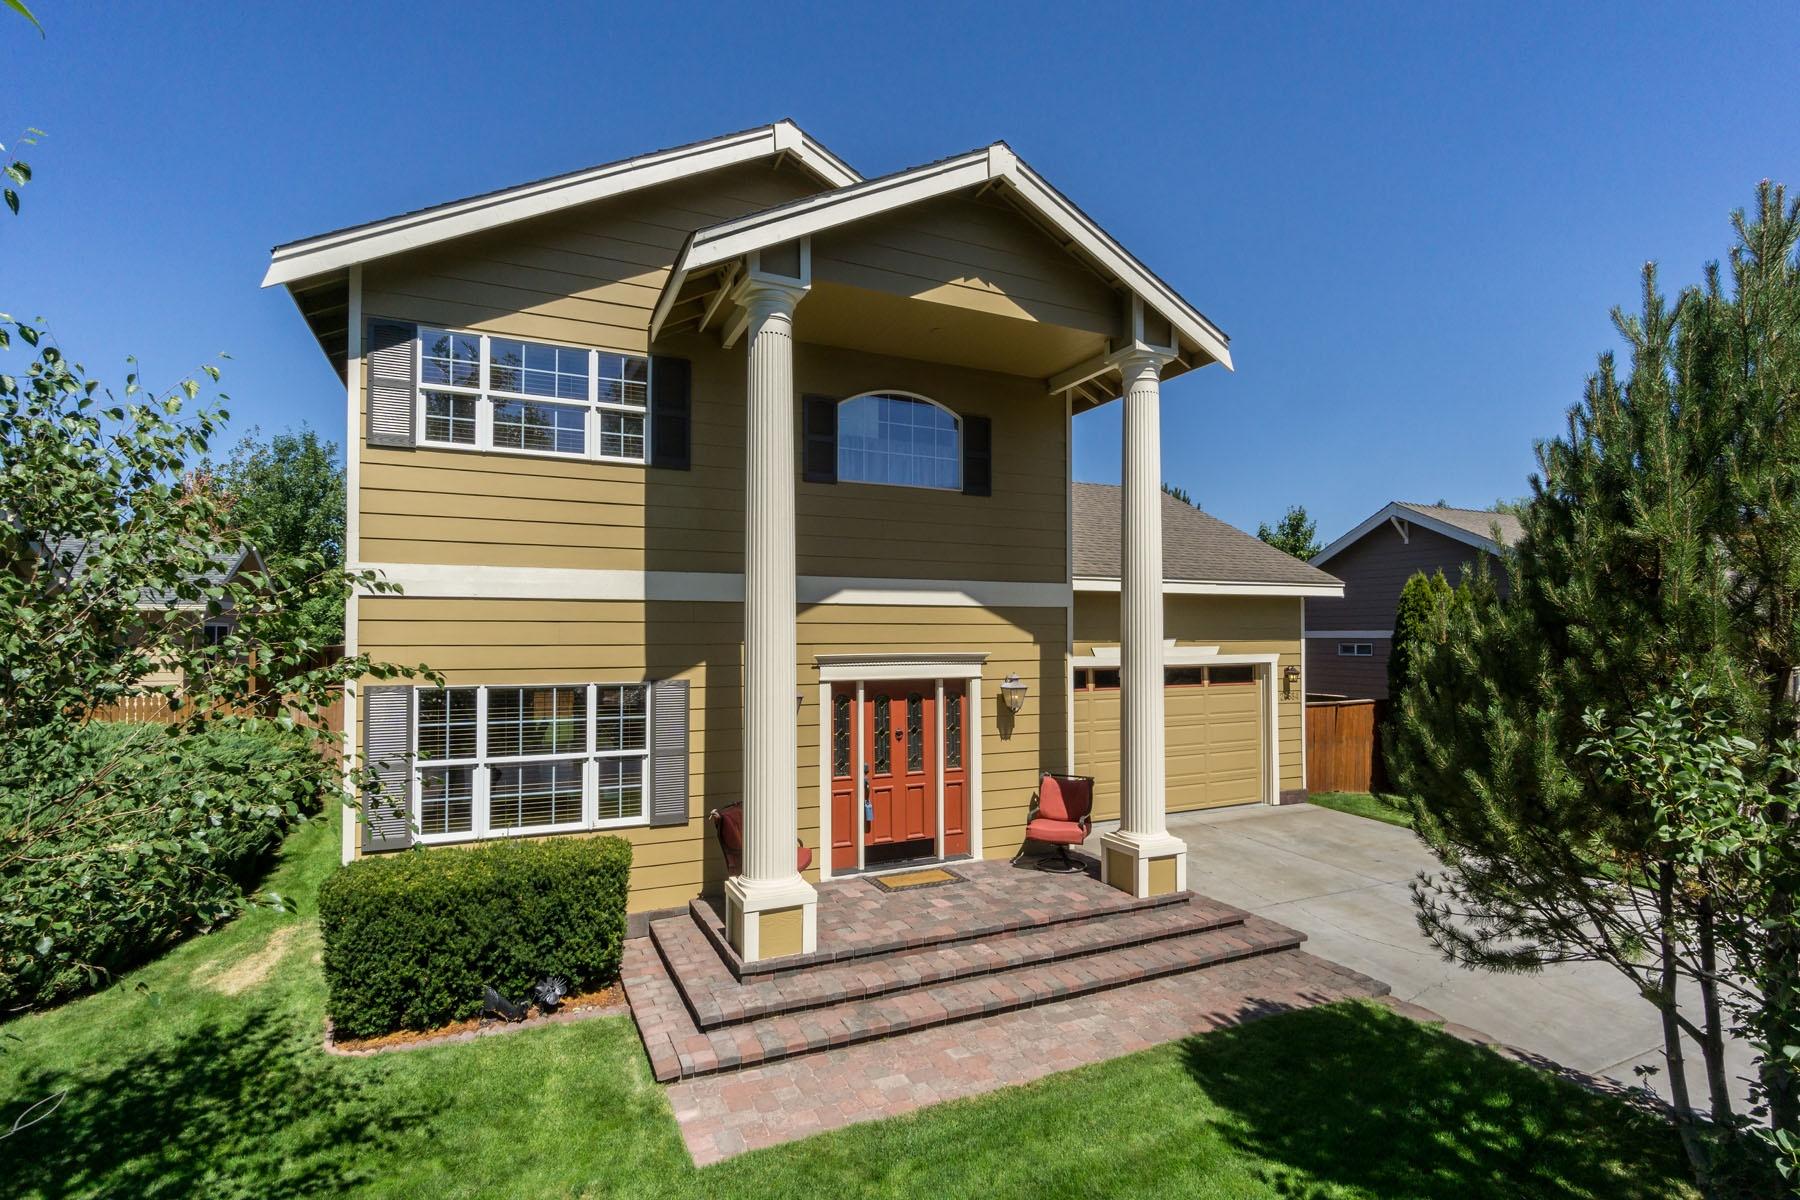 一戸建て のために 売買 アット 20684 Russell Dr., BEND Bend, オレゴン 97701 アメリカ合衆国